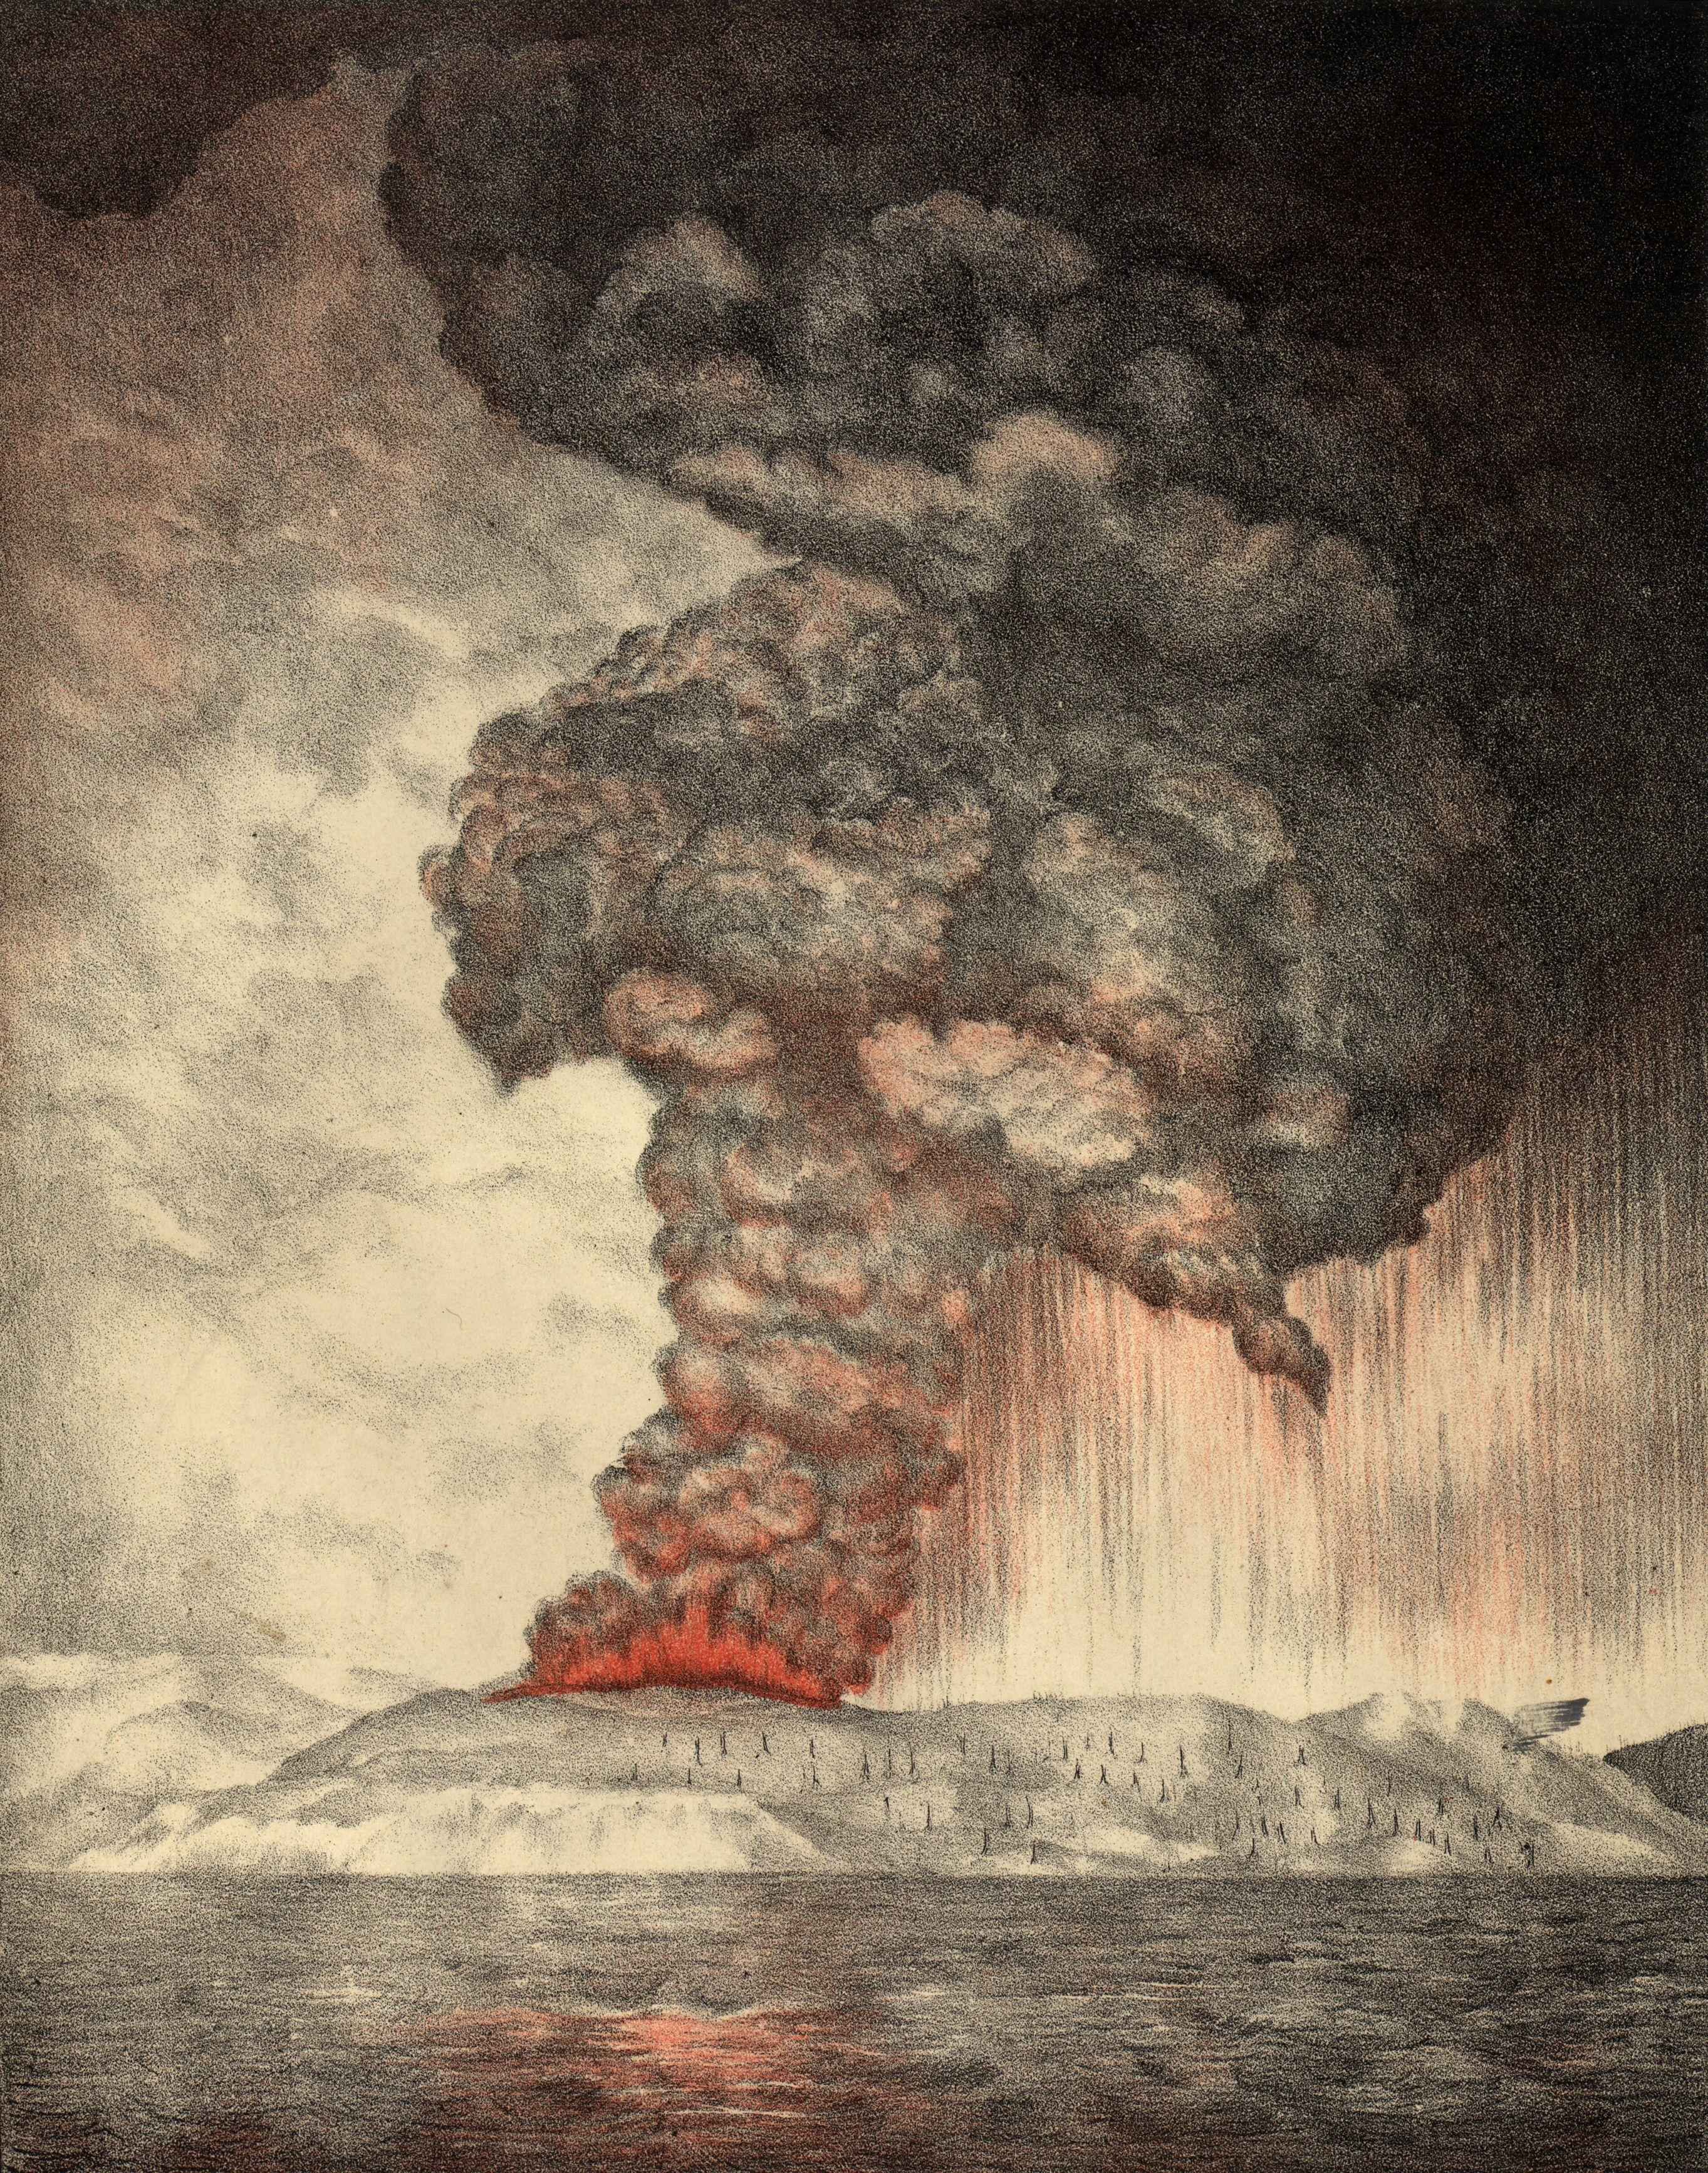 Ett vackert litografi av Krakataus utbrott år 1883